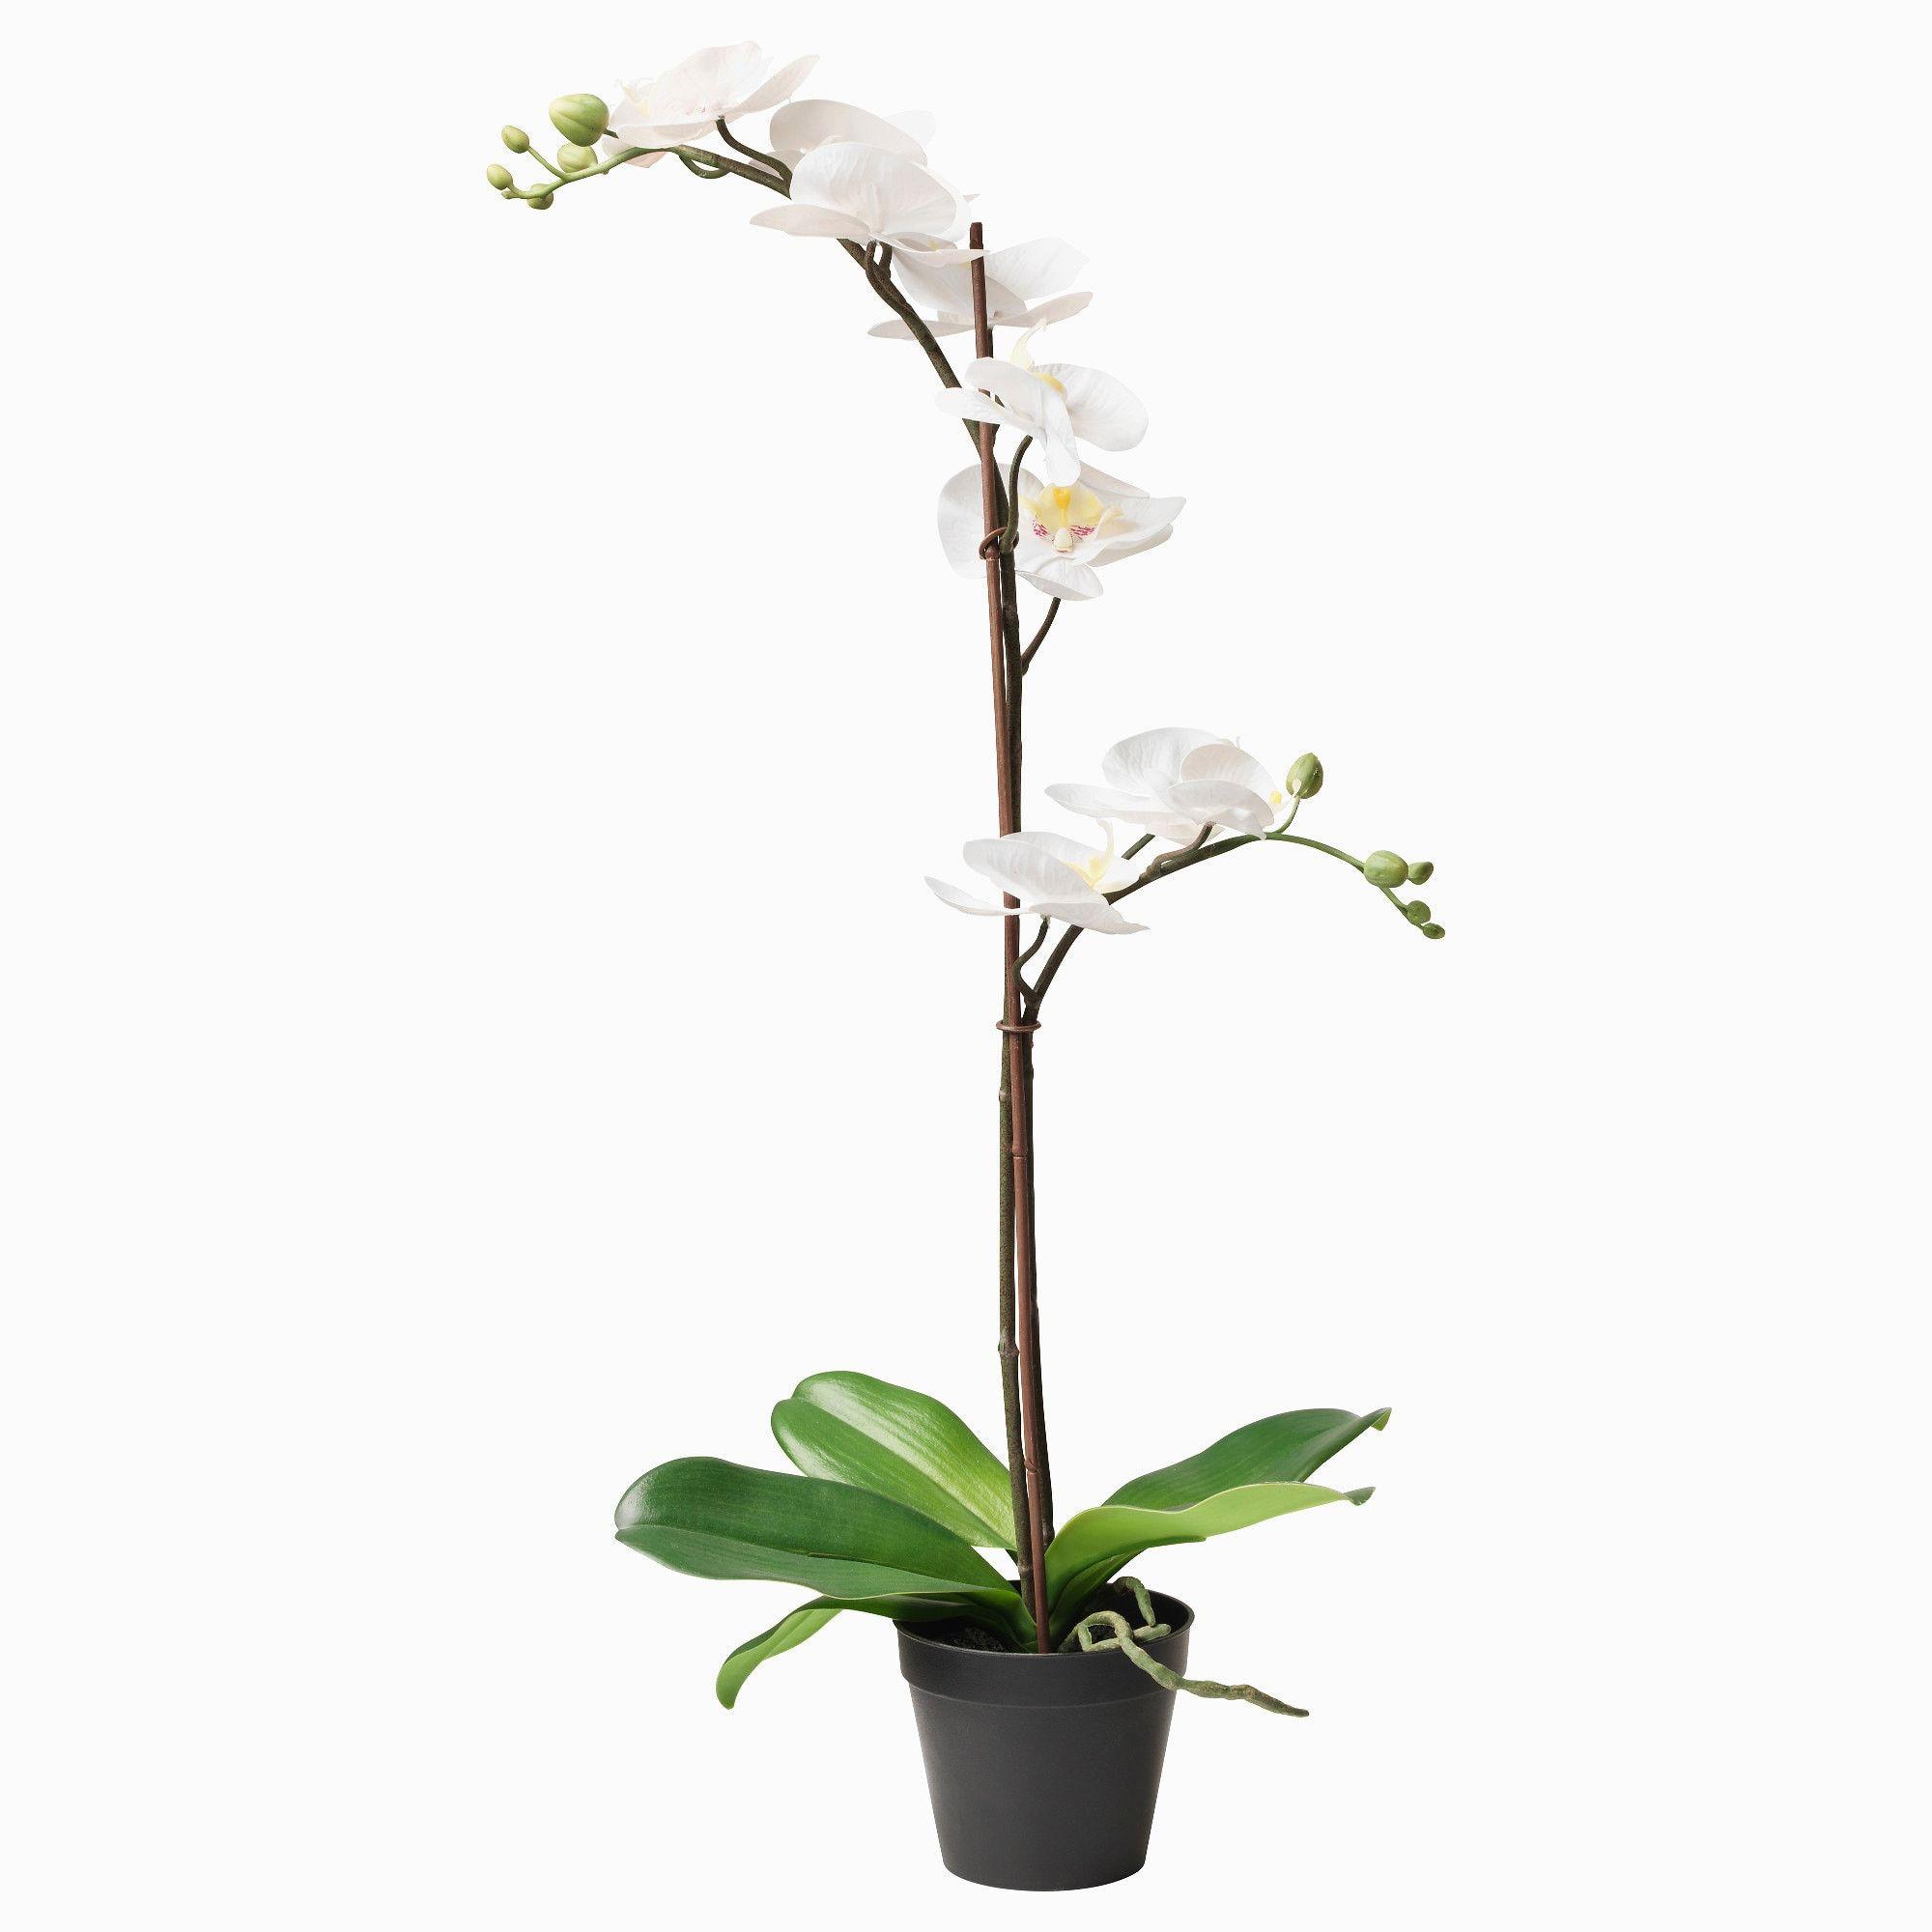 Etagere Salle De Bain Castorama Lino Pas Cher Bricorama Miroir Grossissant Lumineux Ikea Etagere S Plantes Artificielles Orchidee Blanche Decoration Plante